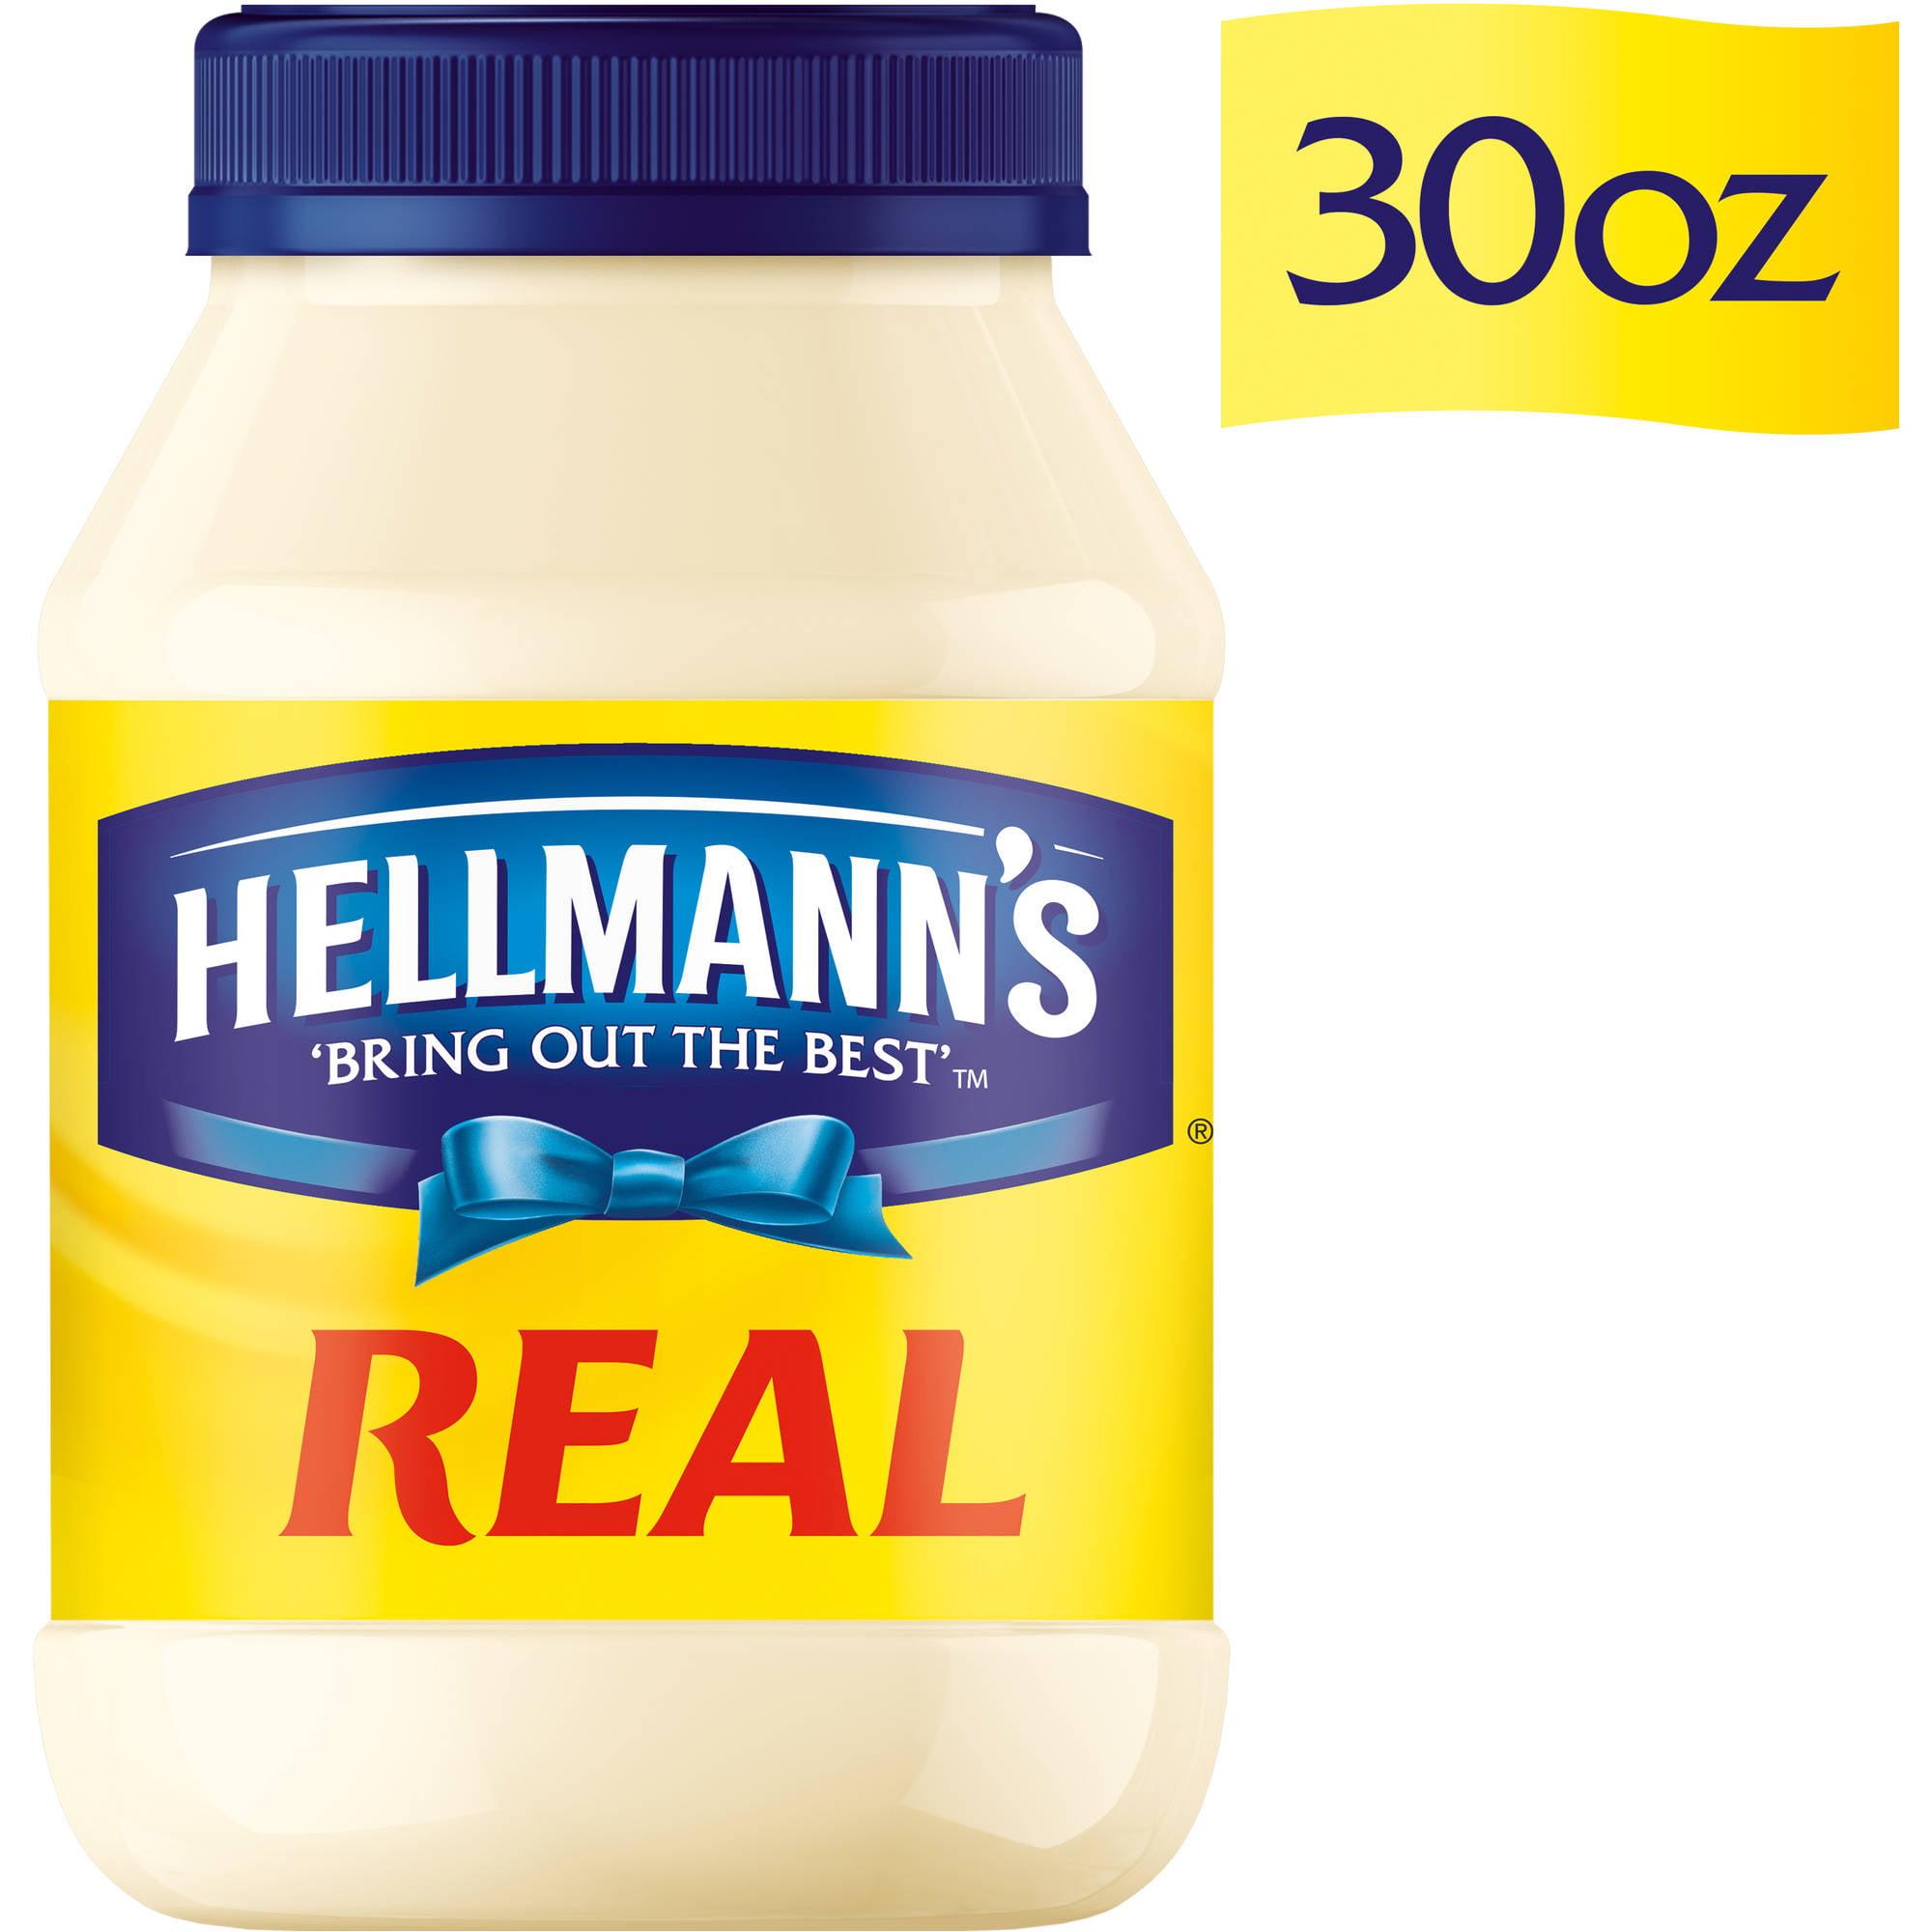 Hellmann's Real Mayonnaise, 30 oz